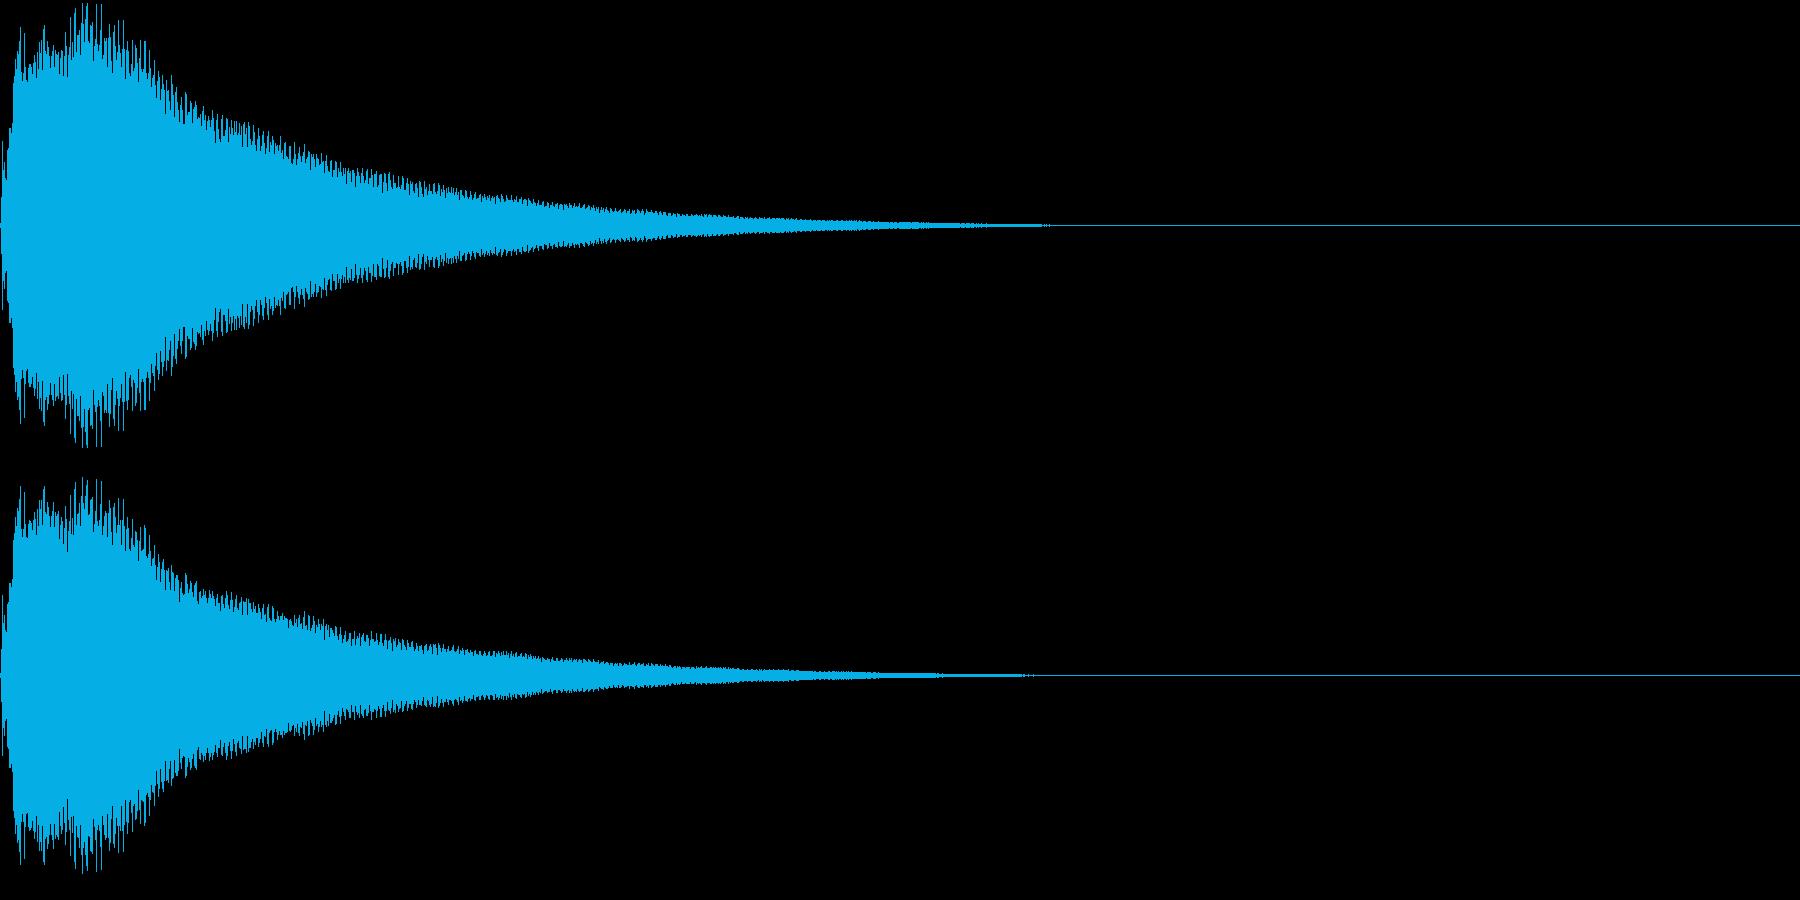 カーン プロレスゴングの音の再生済みの波形